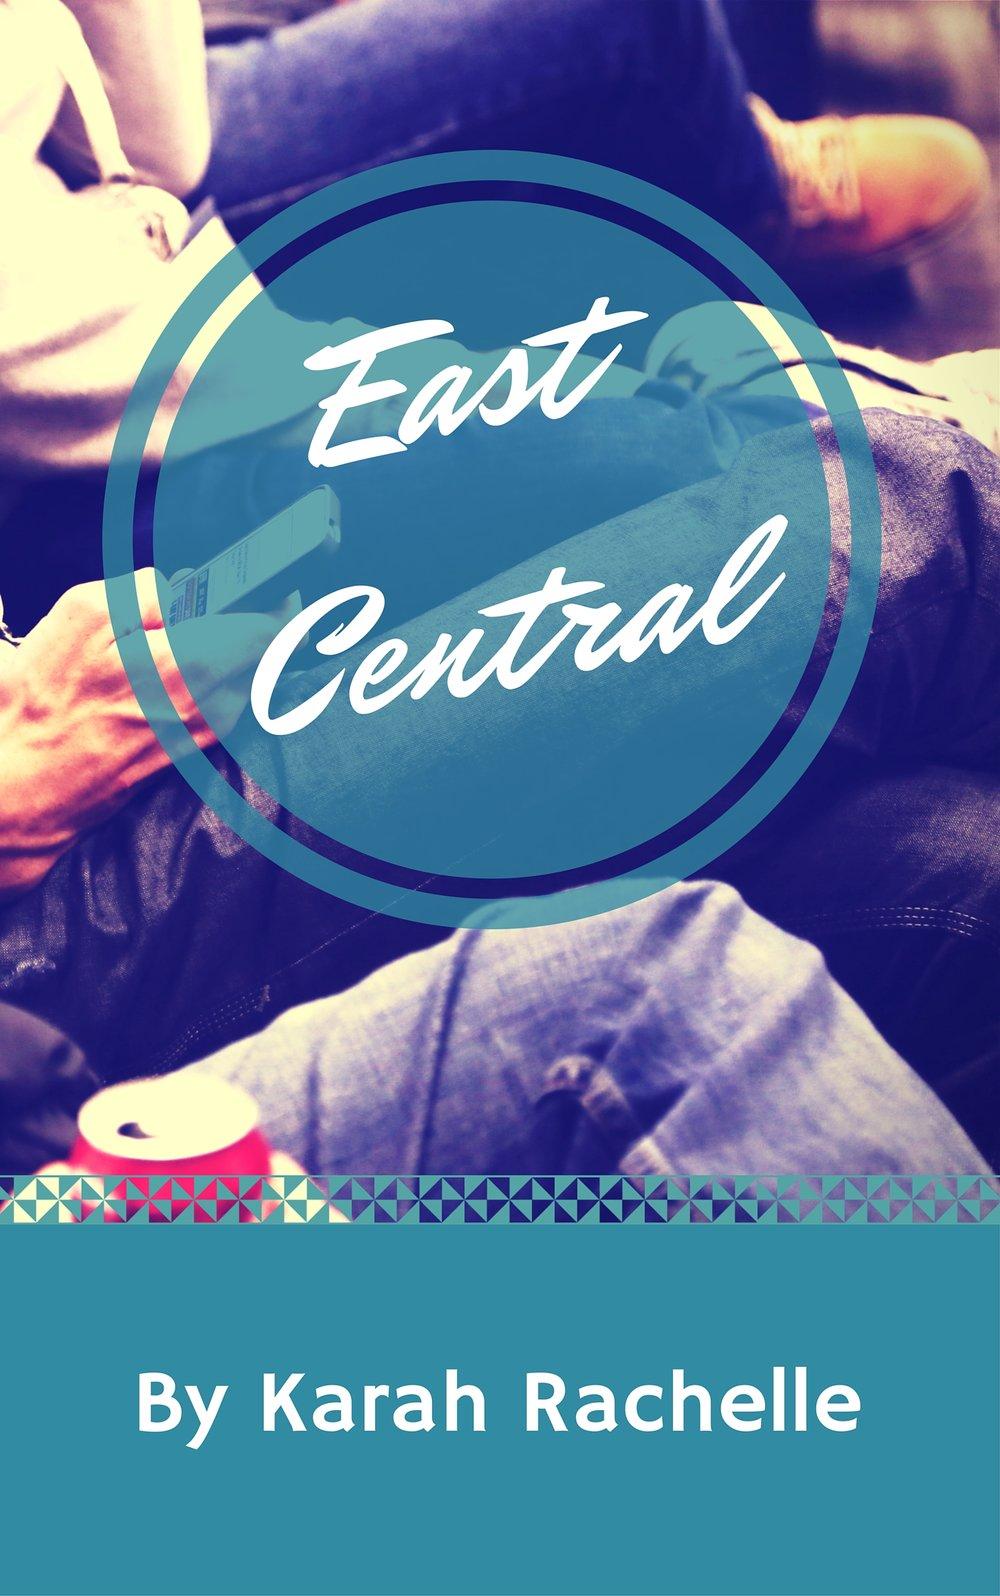 East Central by Karah Rachelle